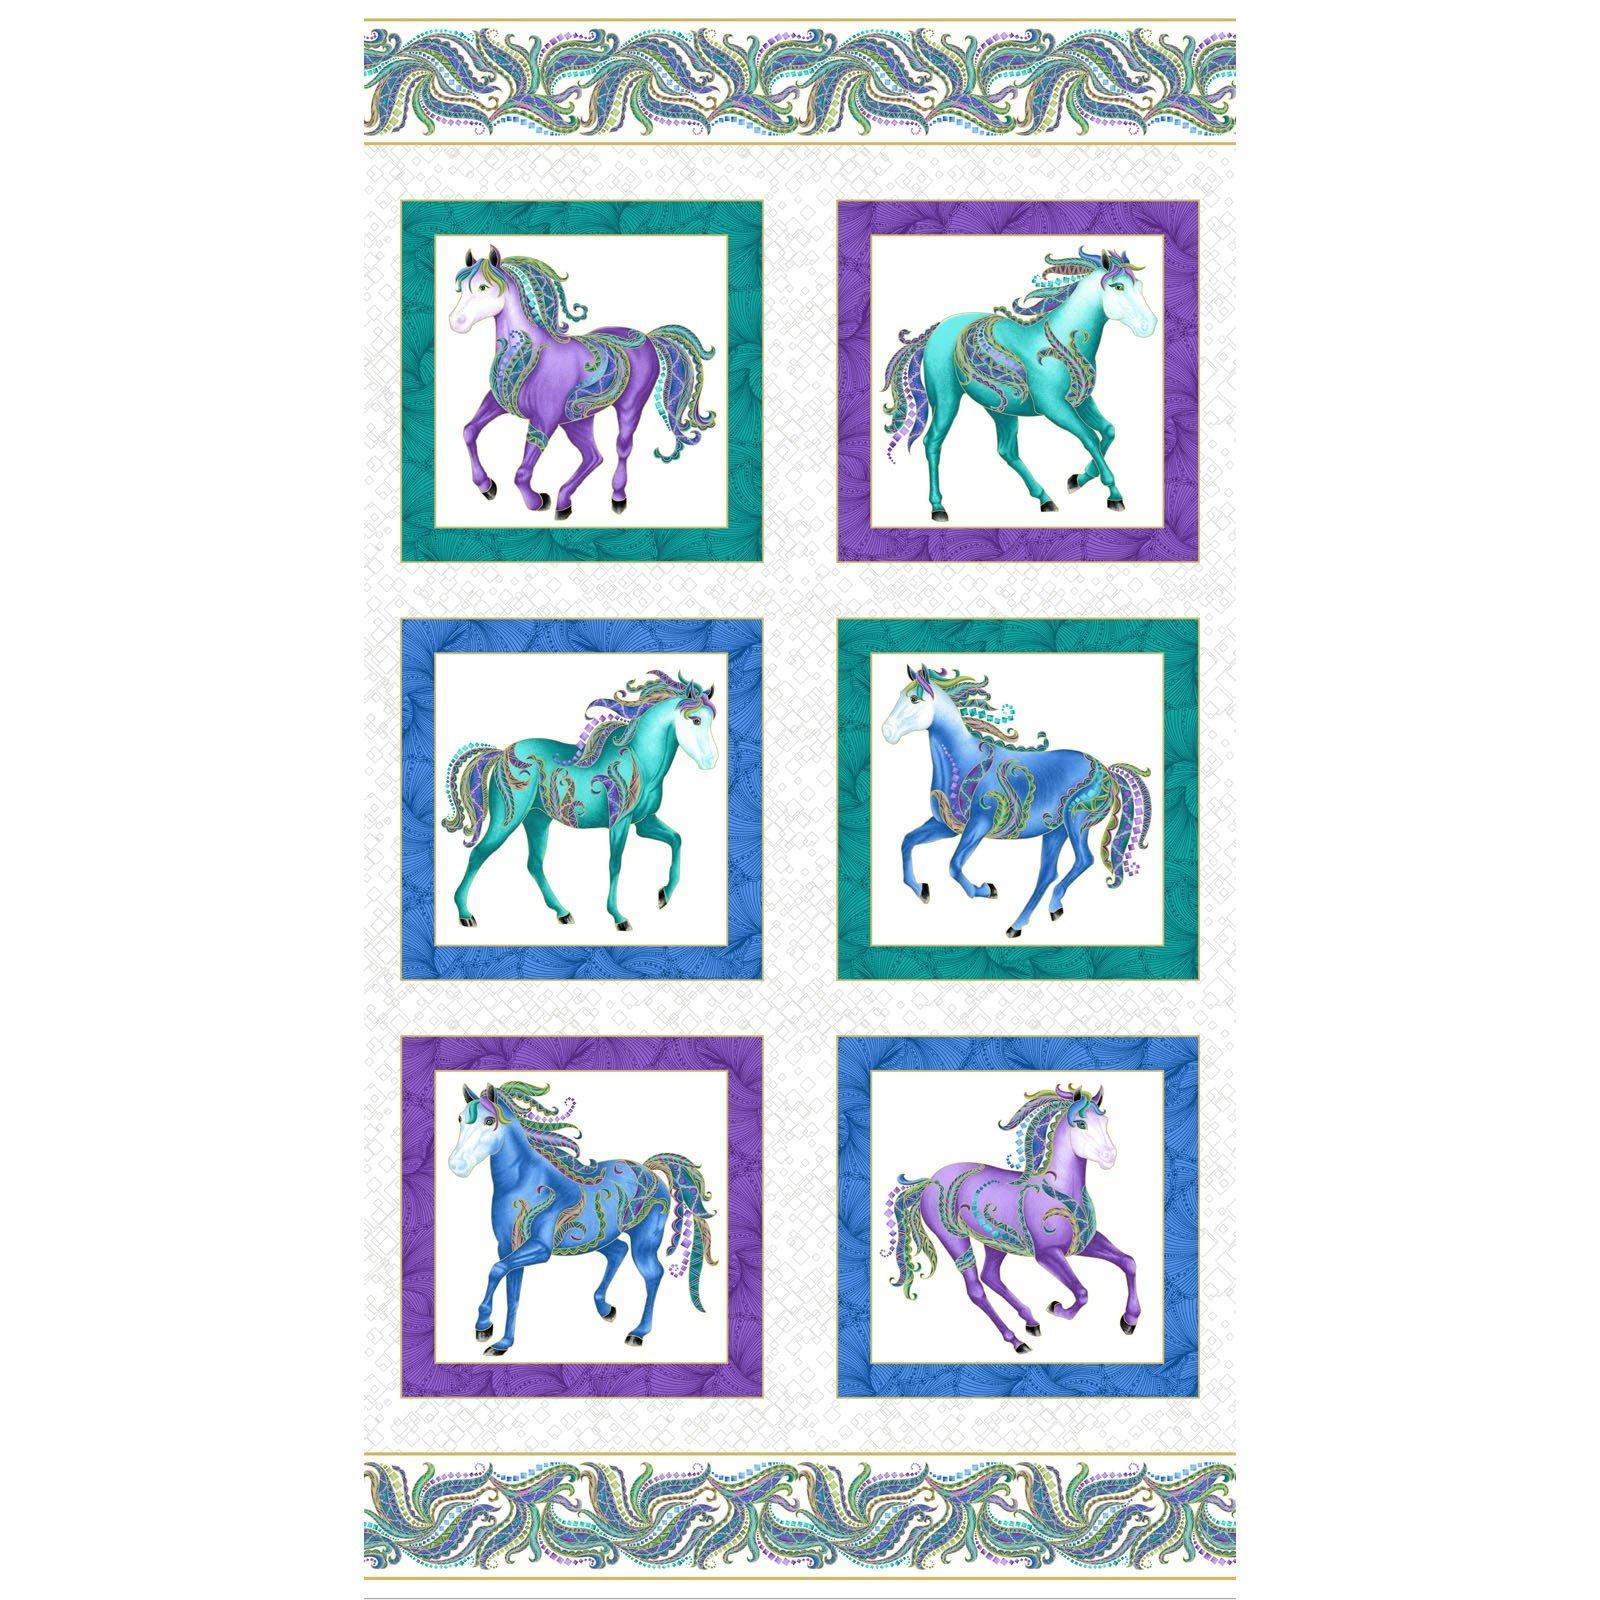 Horsen Around - 16850M-09